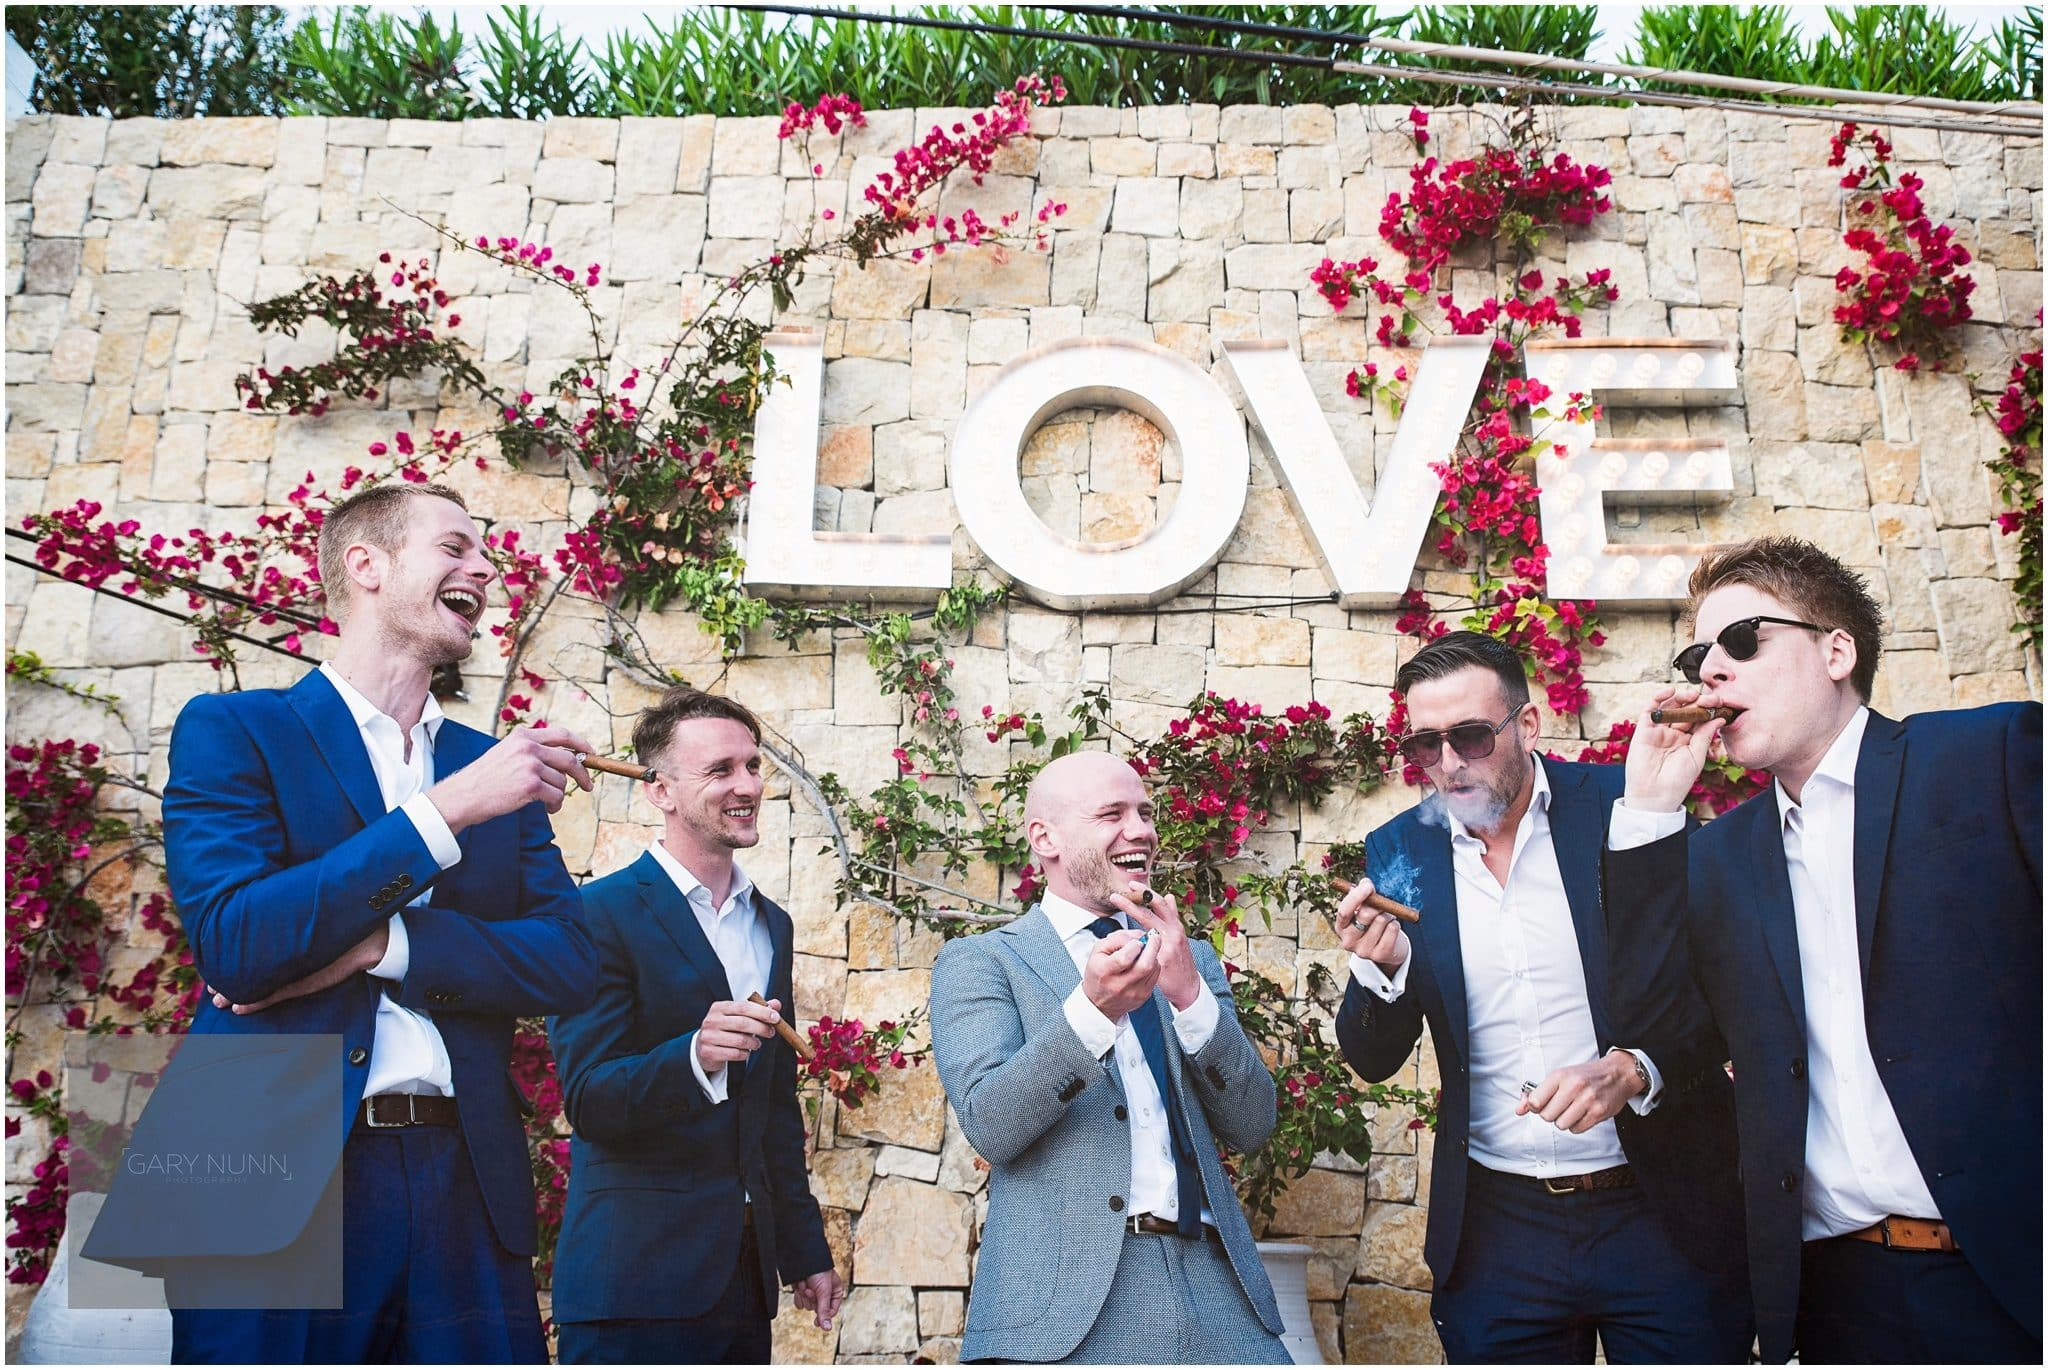 Wedding checklist UK, elixir weddings, wedding planning checklist, Elixir Shore Club, Ibiza Wedding Photography, Milton Keynes Wedding Photographer, Wedding Photographer Leighton Buzzard, Destination Wedding Photographer